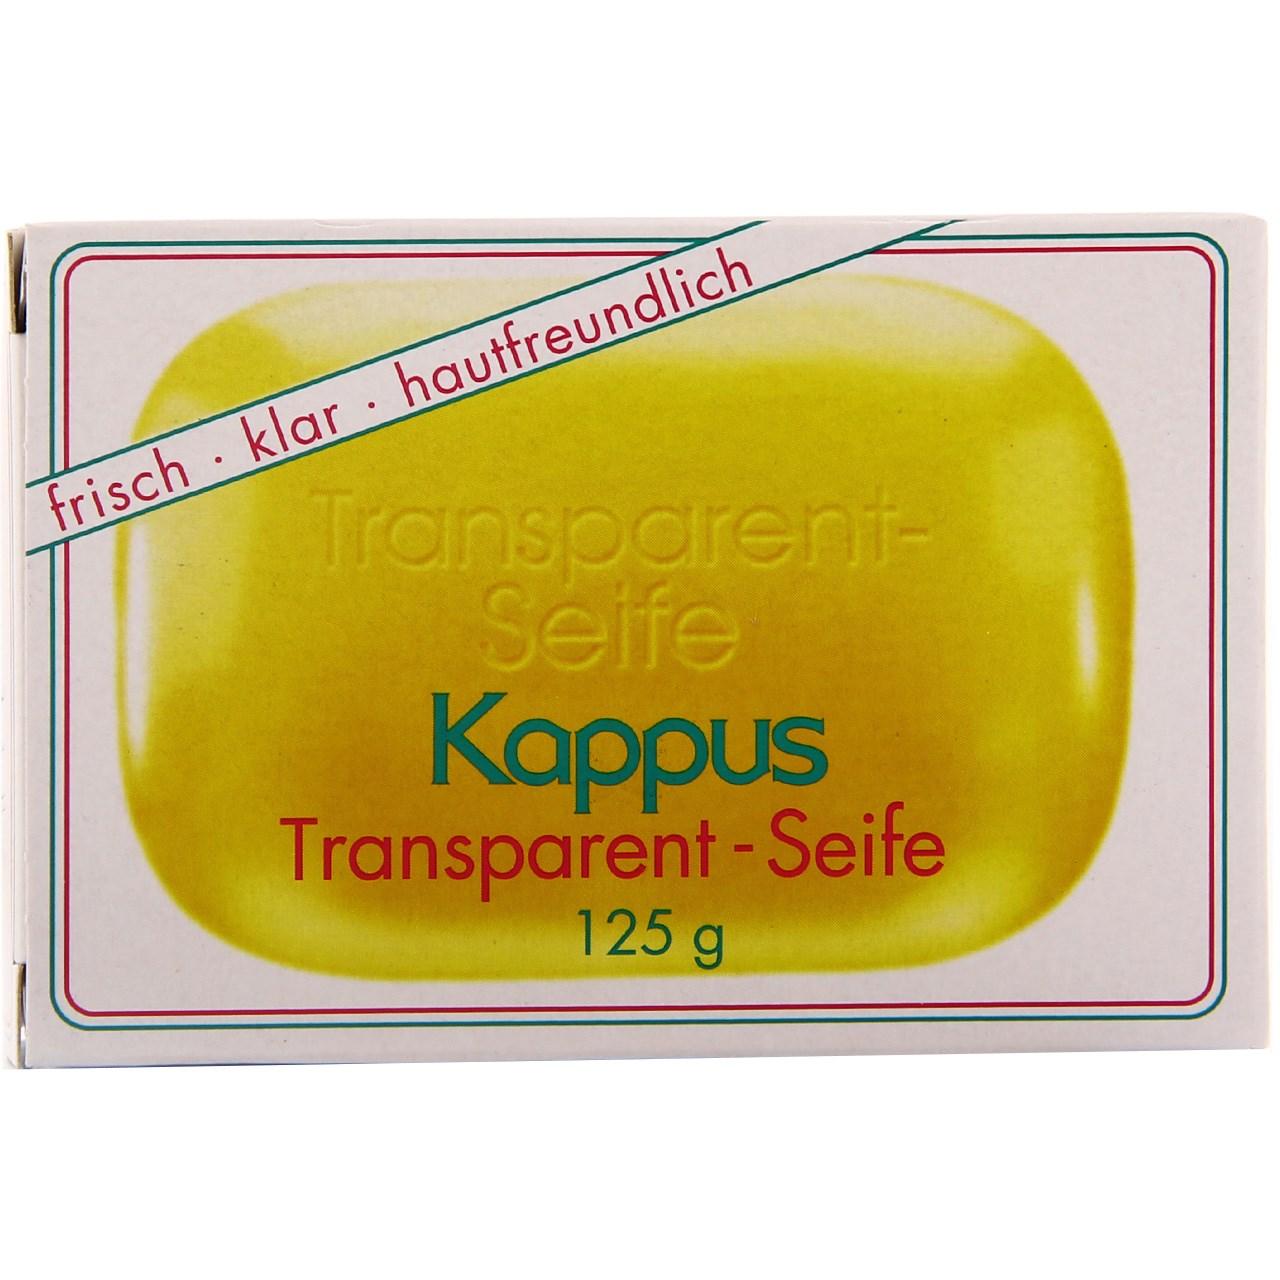 قیمت صابون کاپوس مدل Savon Surgras مقدار 125 گرم